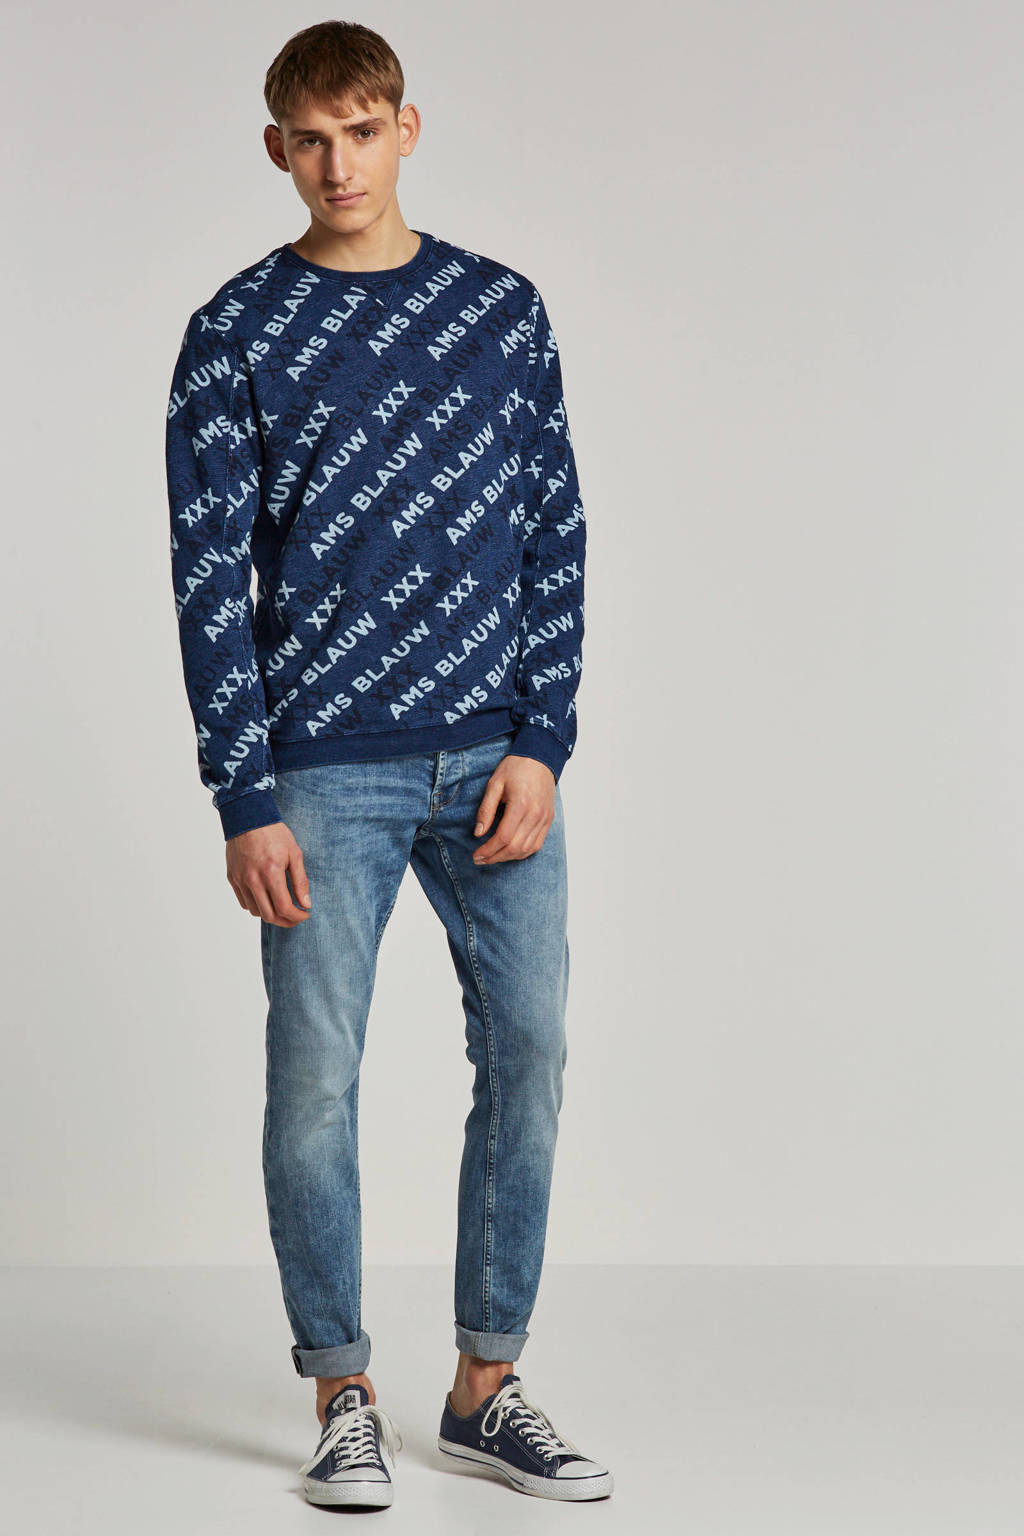 Scotch & Soda sweater, Donkerblauw